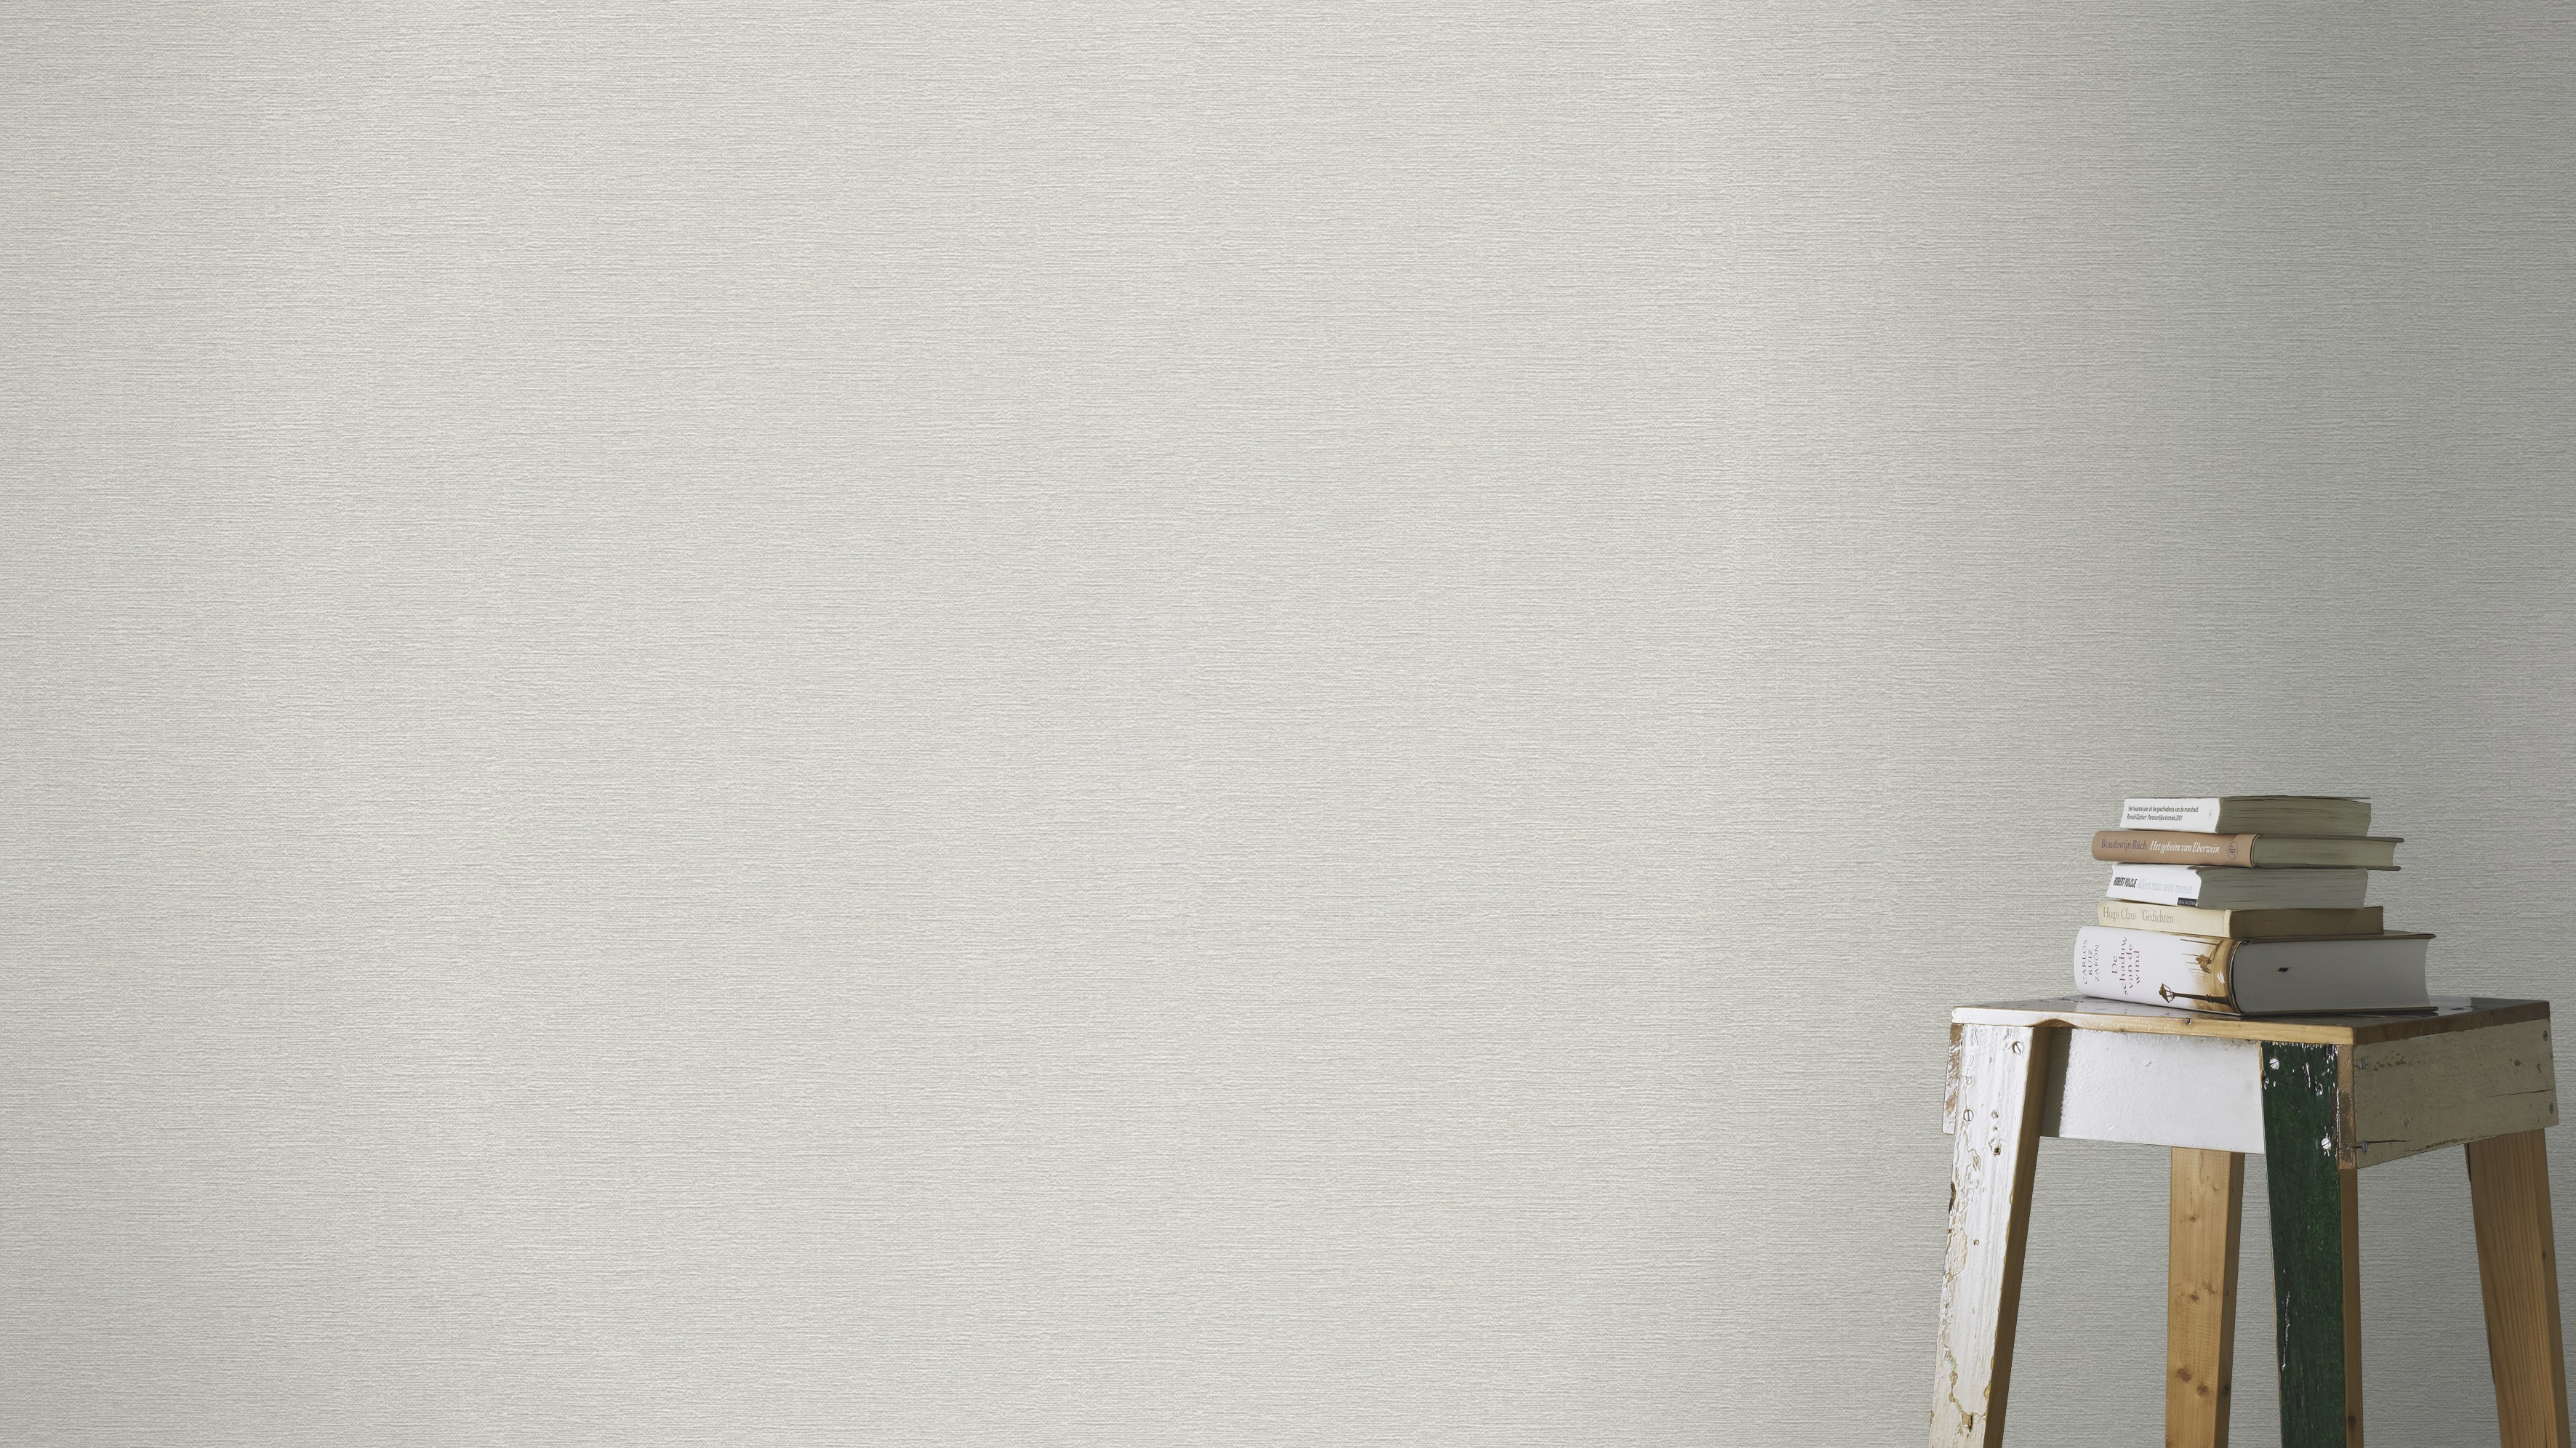 Ezüstszürke egyszínű Rasch tapéta Hotspot retro katalógus